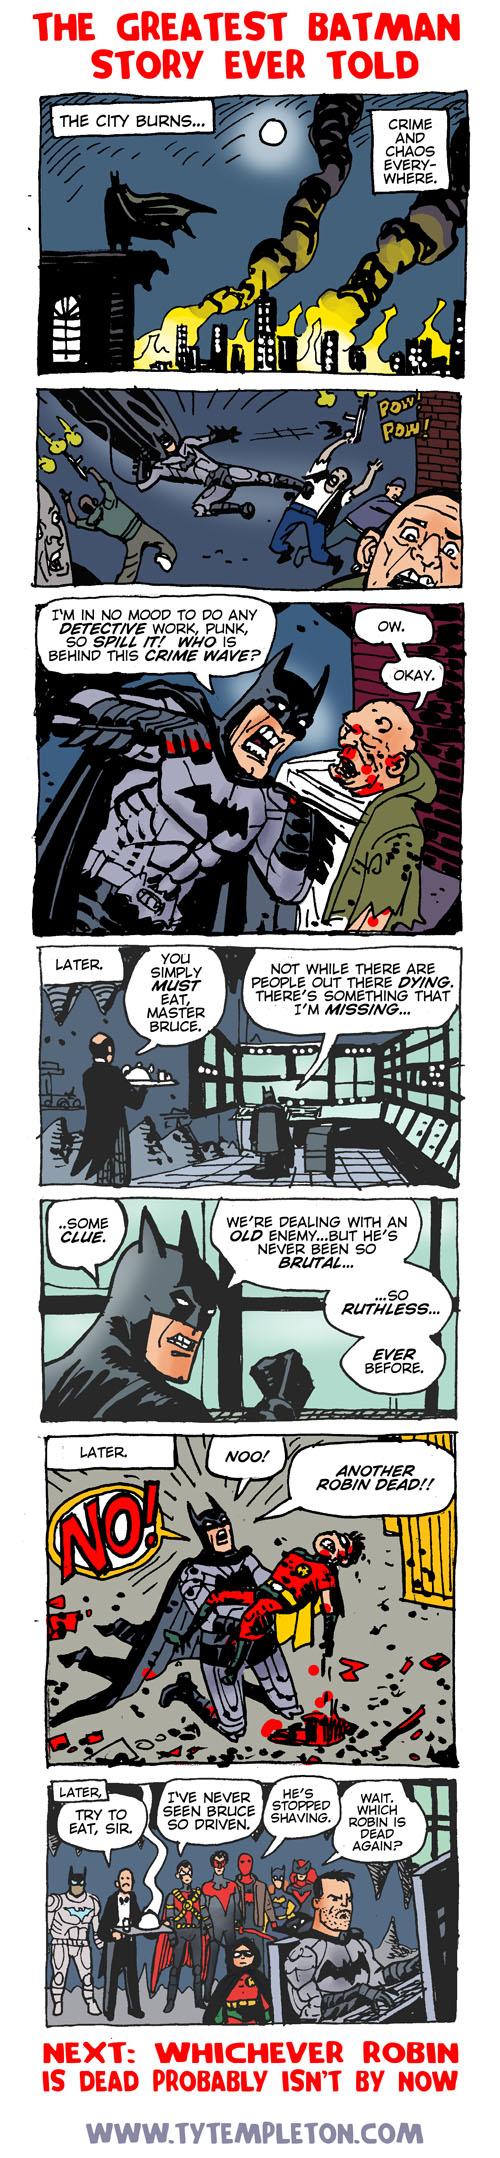 BEST BATMAN EVER